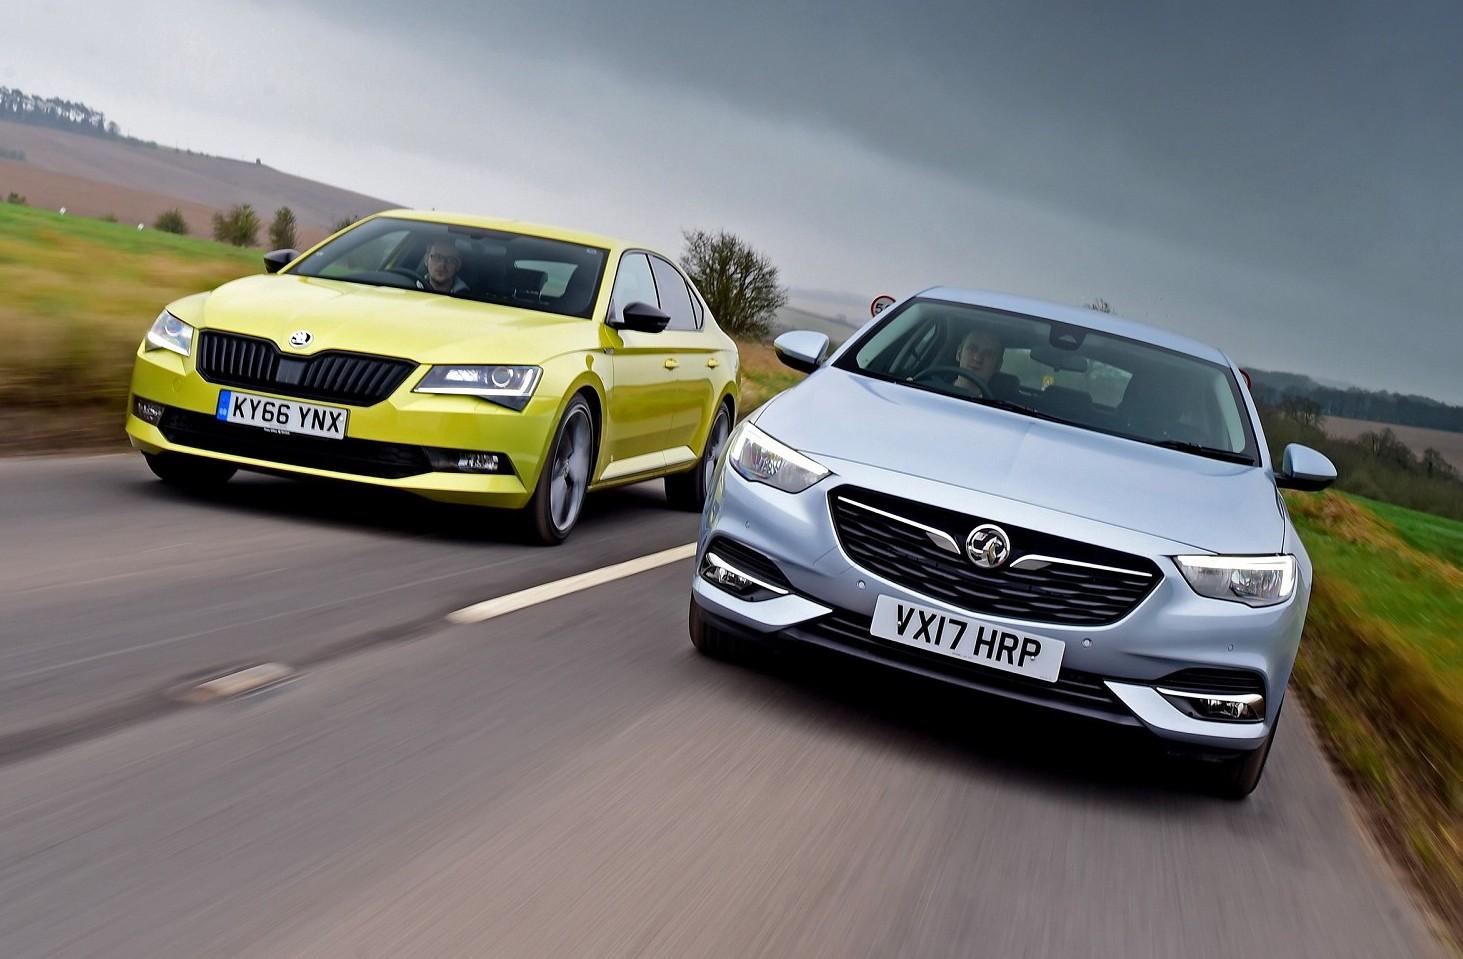 Sconti e promozioni Opel e Skoda Dicembr